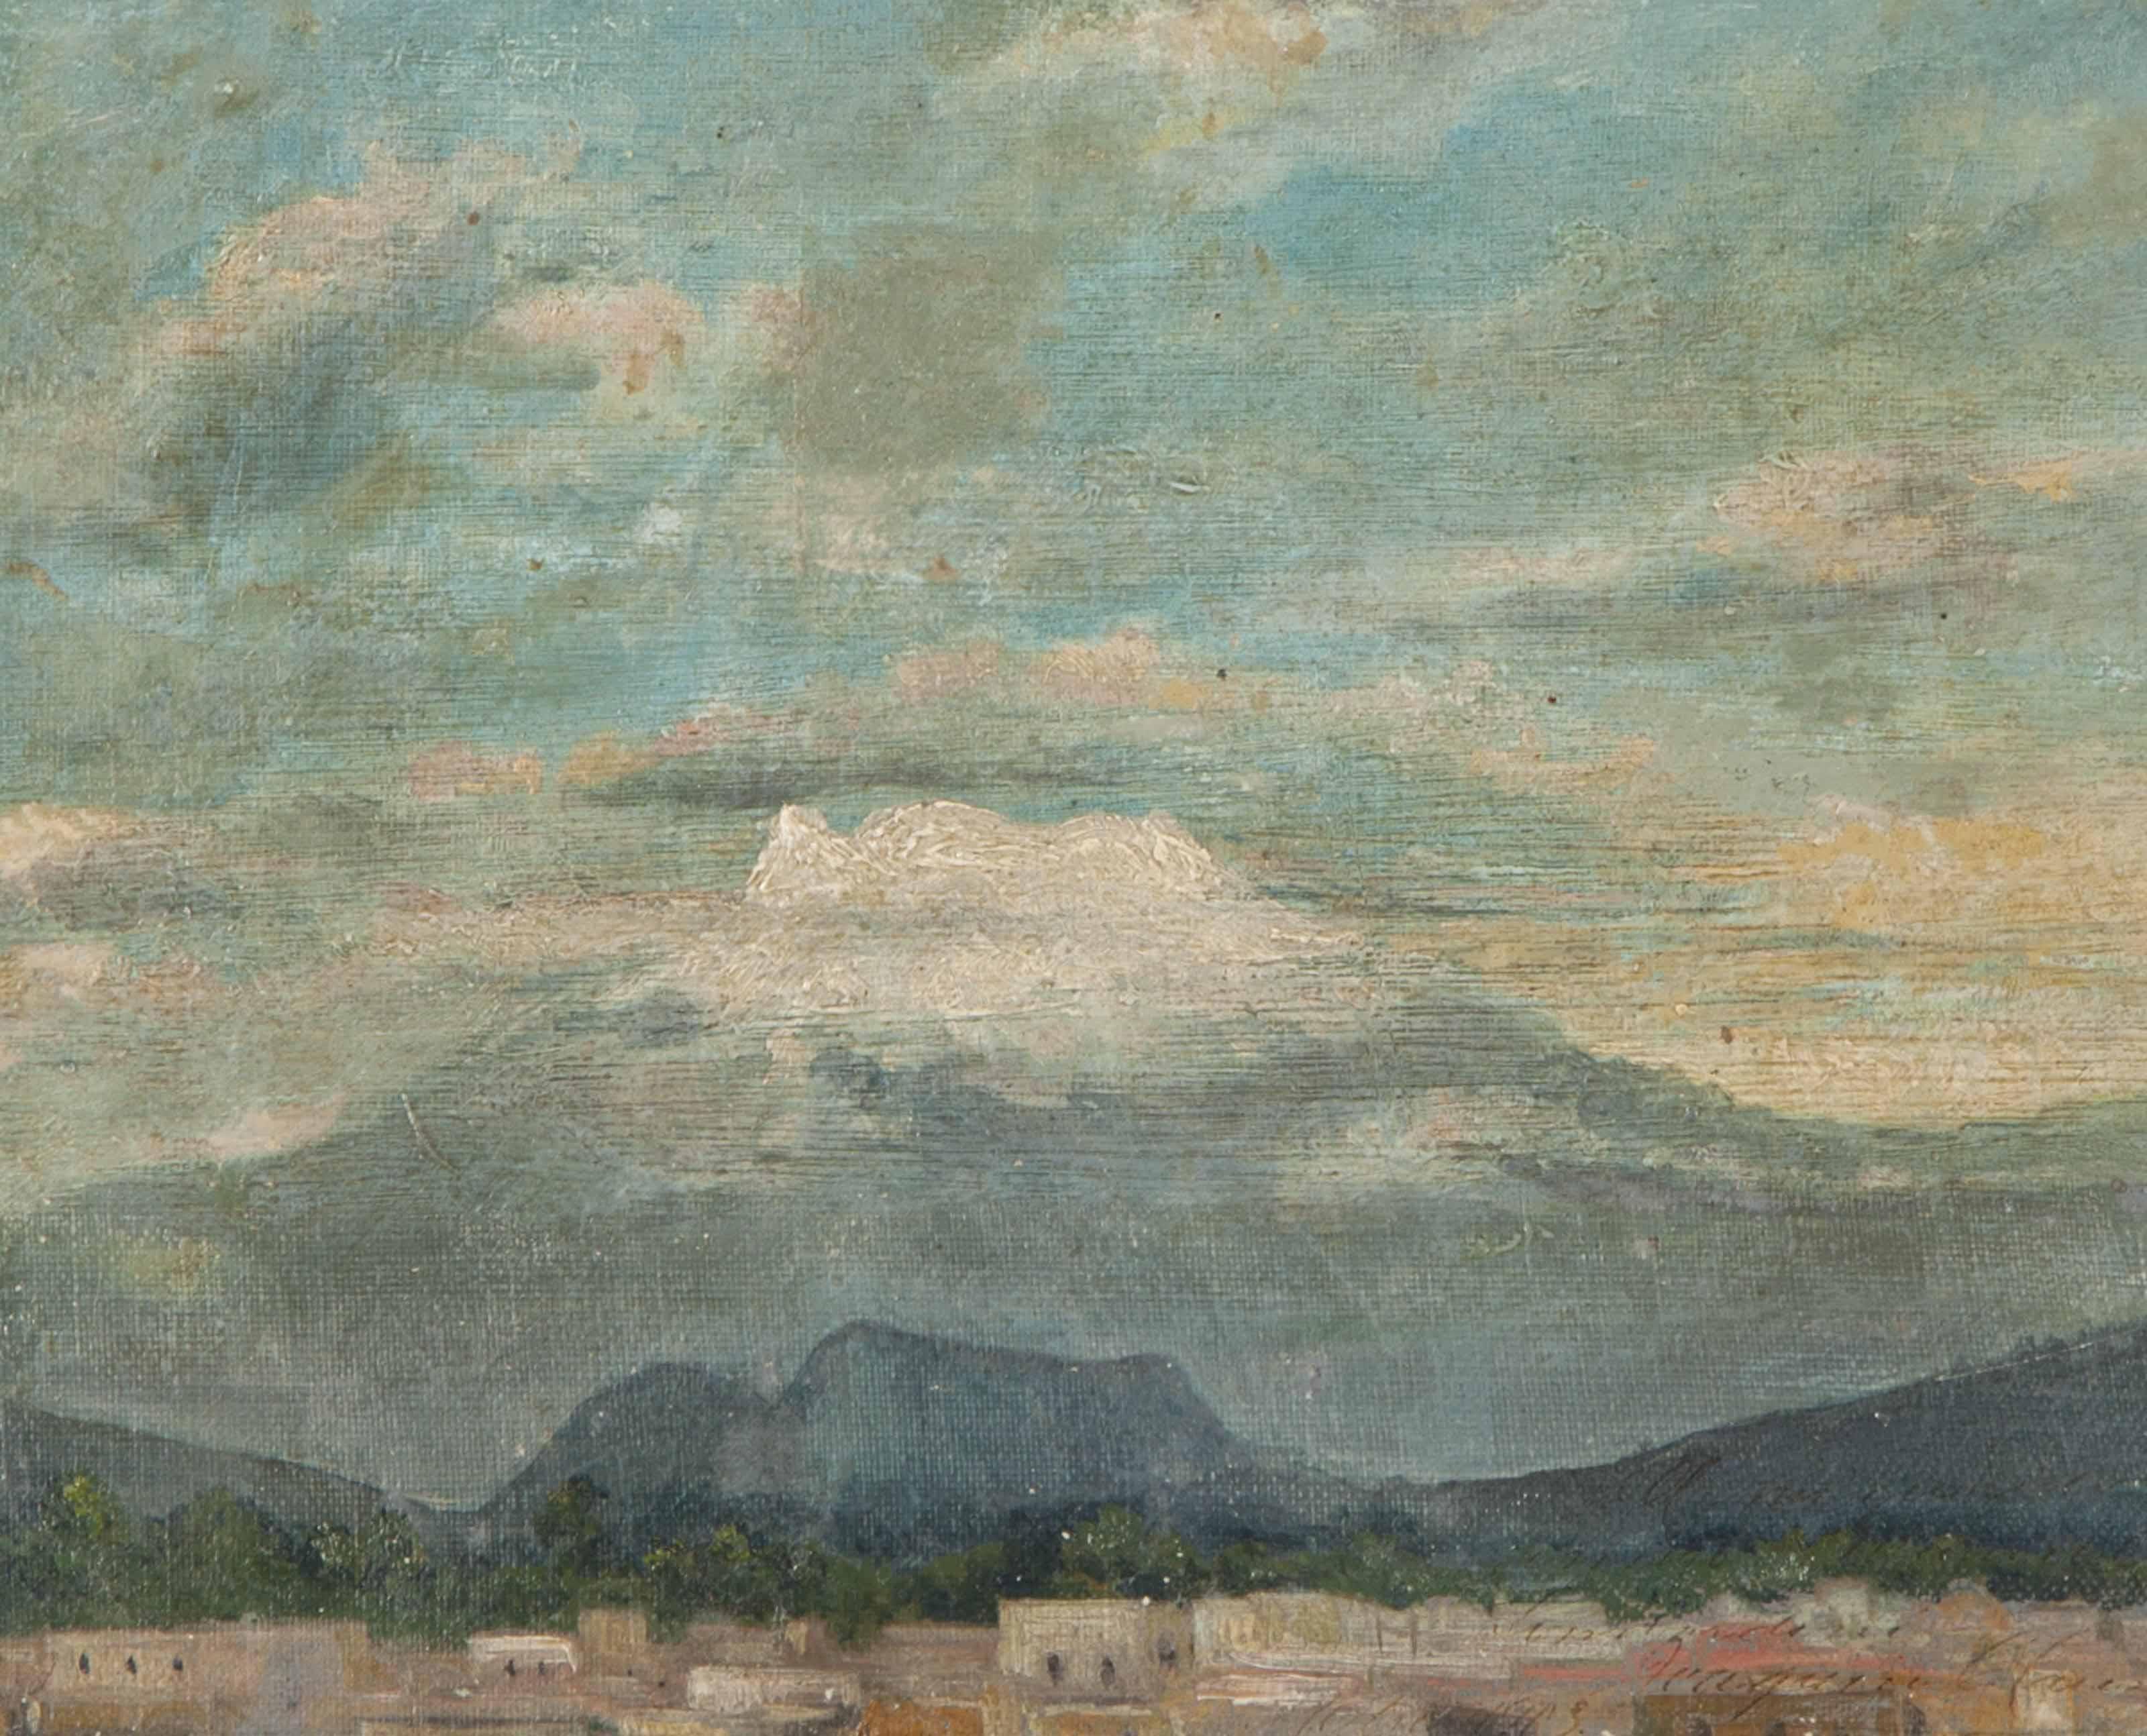 Paisaje del Iztlacchihuatl